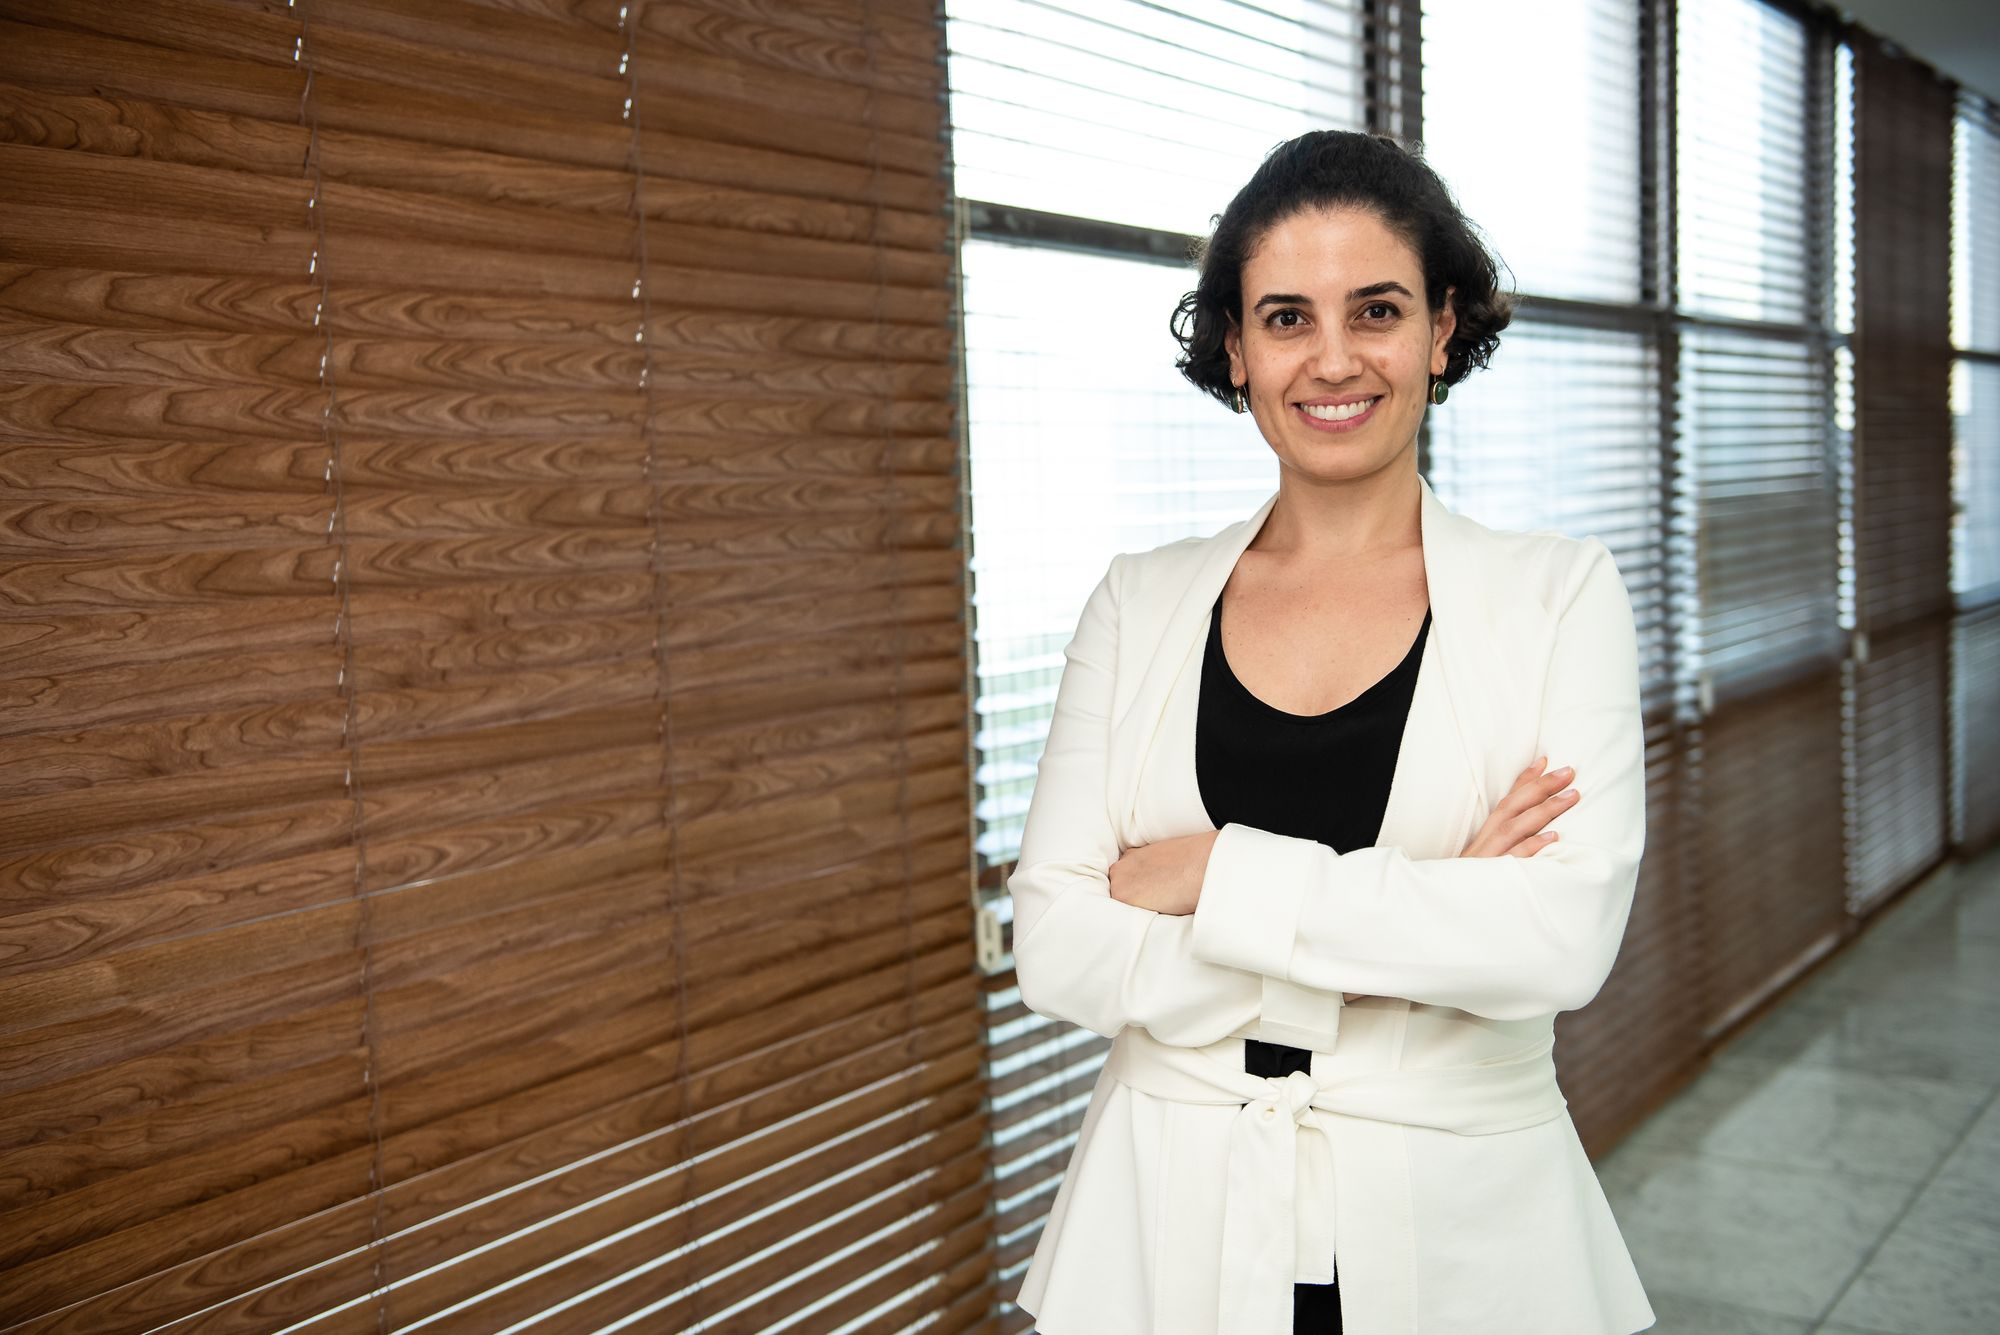 Dr Danielle Rached